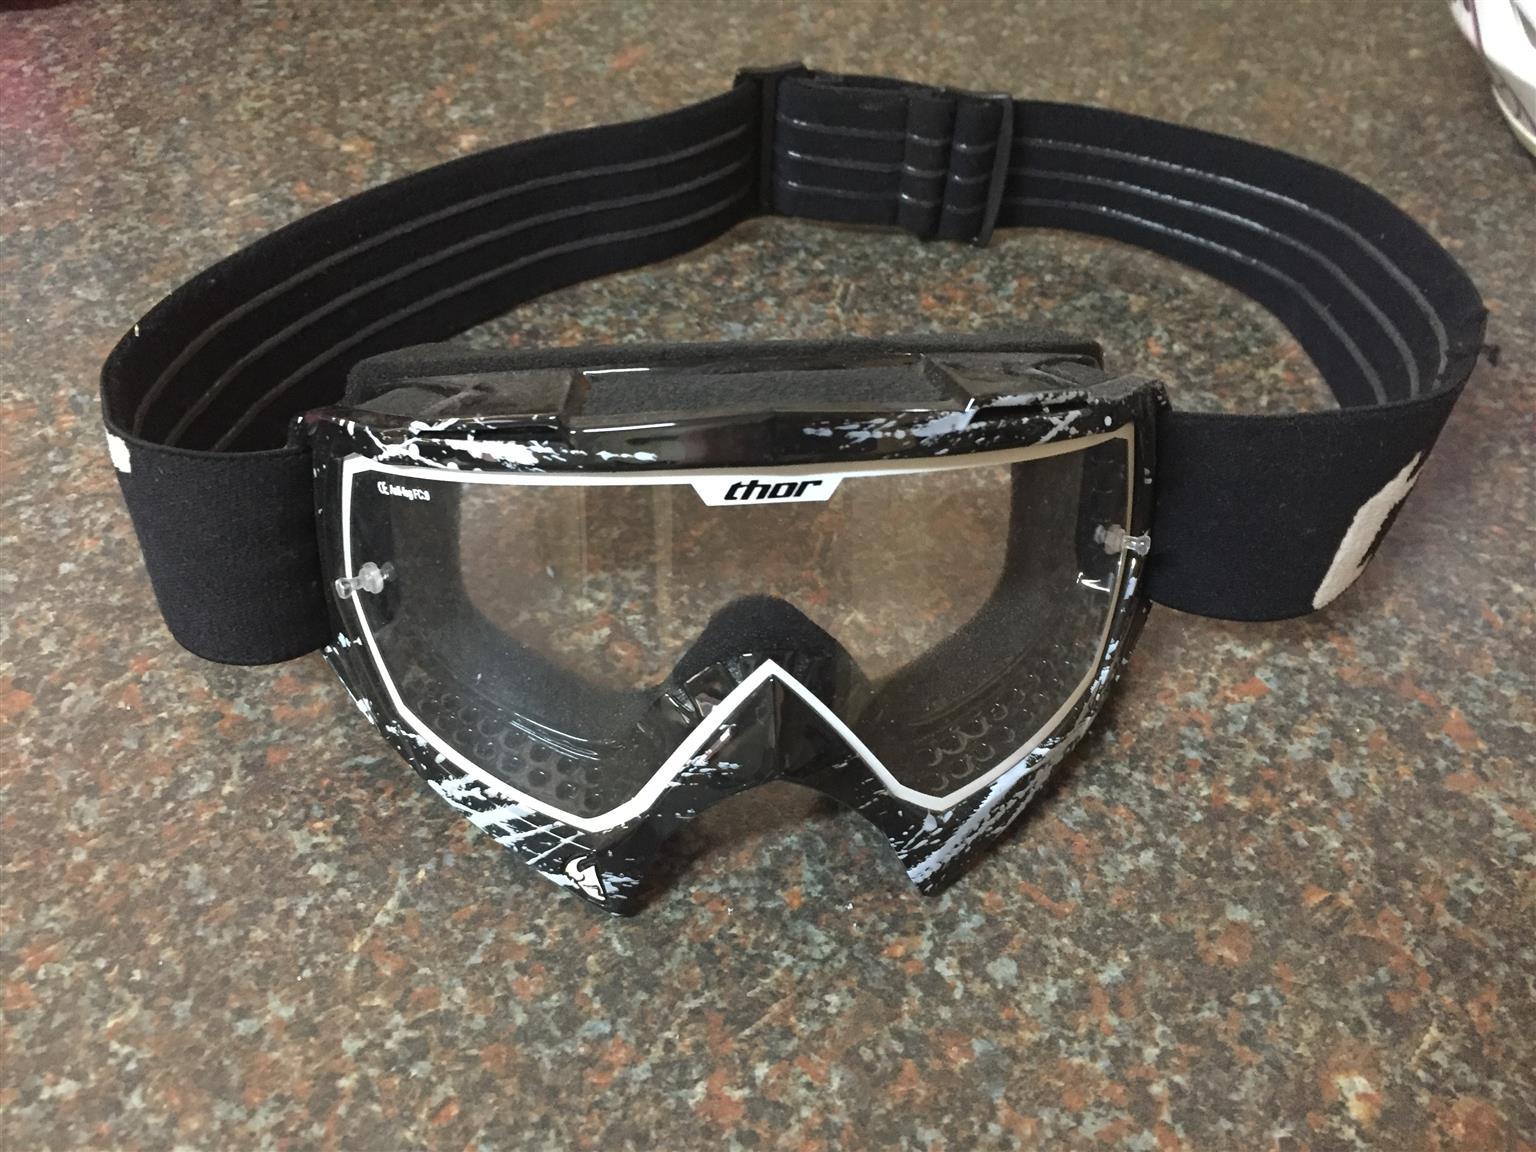 Quad bike goggles